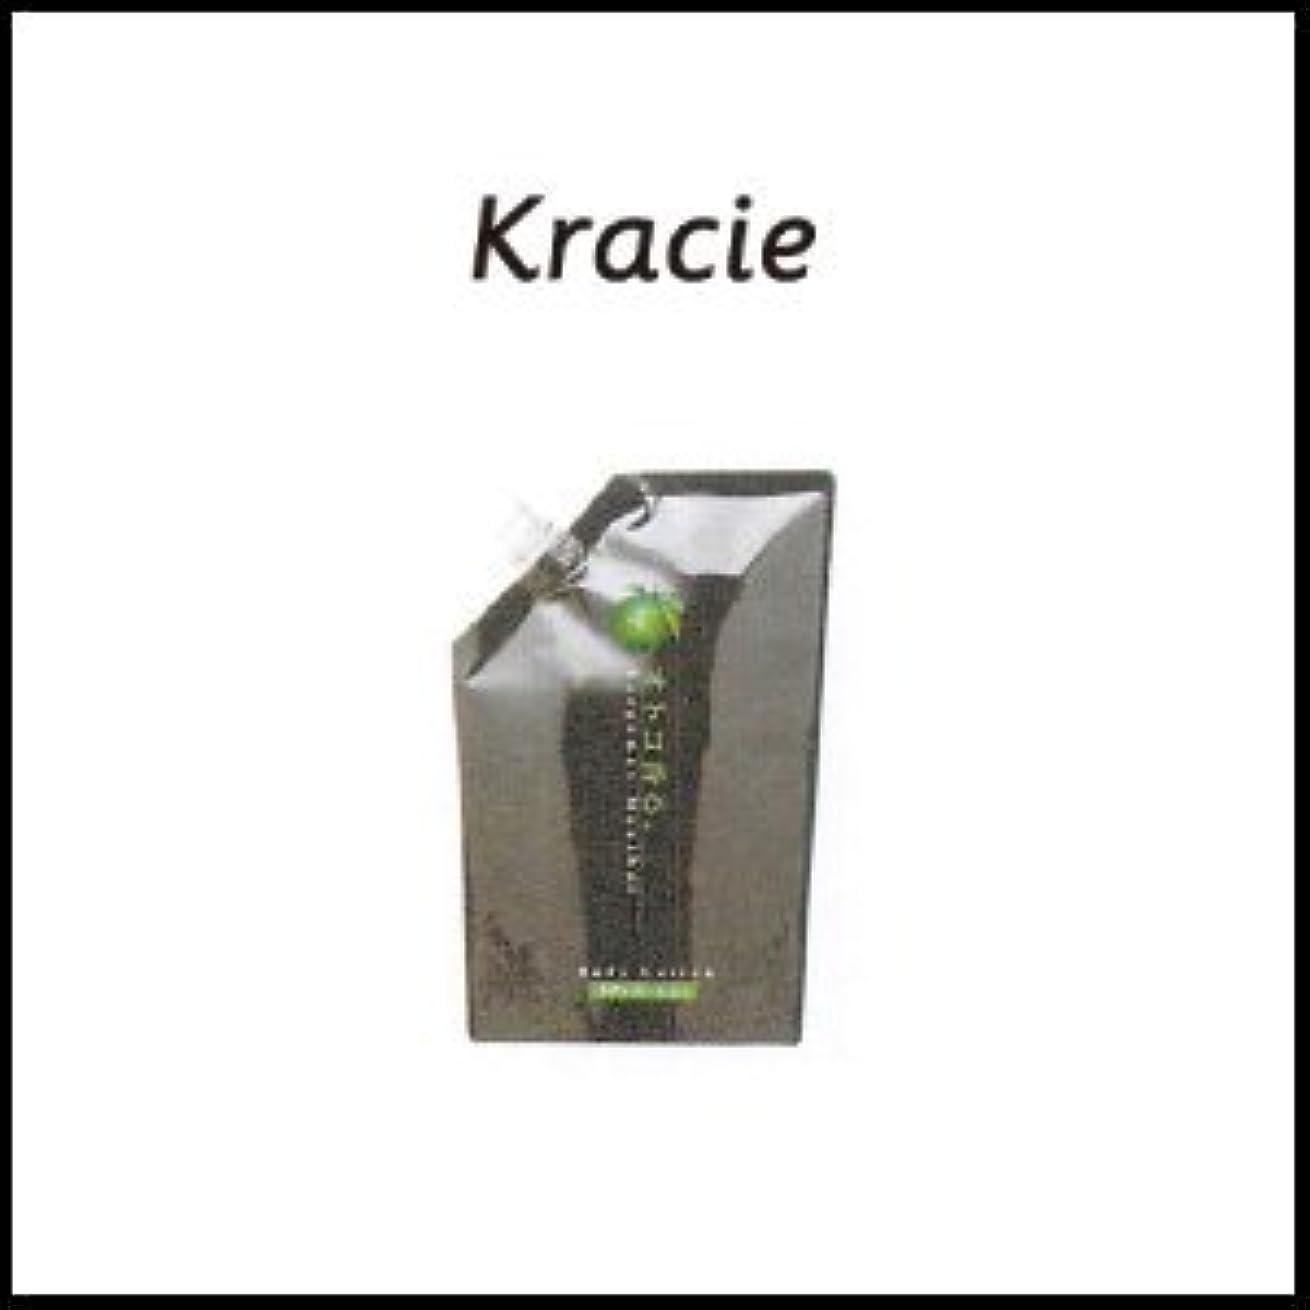 そして欠席サルベージクラシエ オトコ香る ボディローション(ベルガモット) 500ml 詰替え用(レフィル)